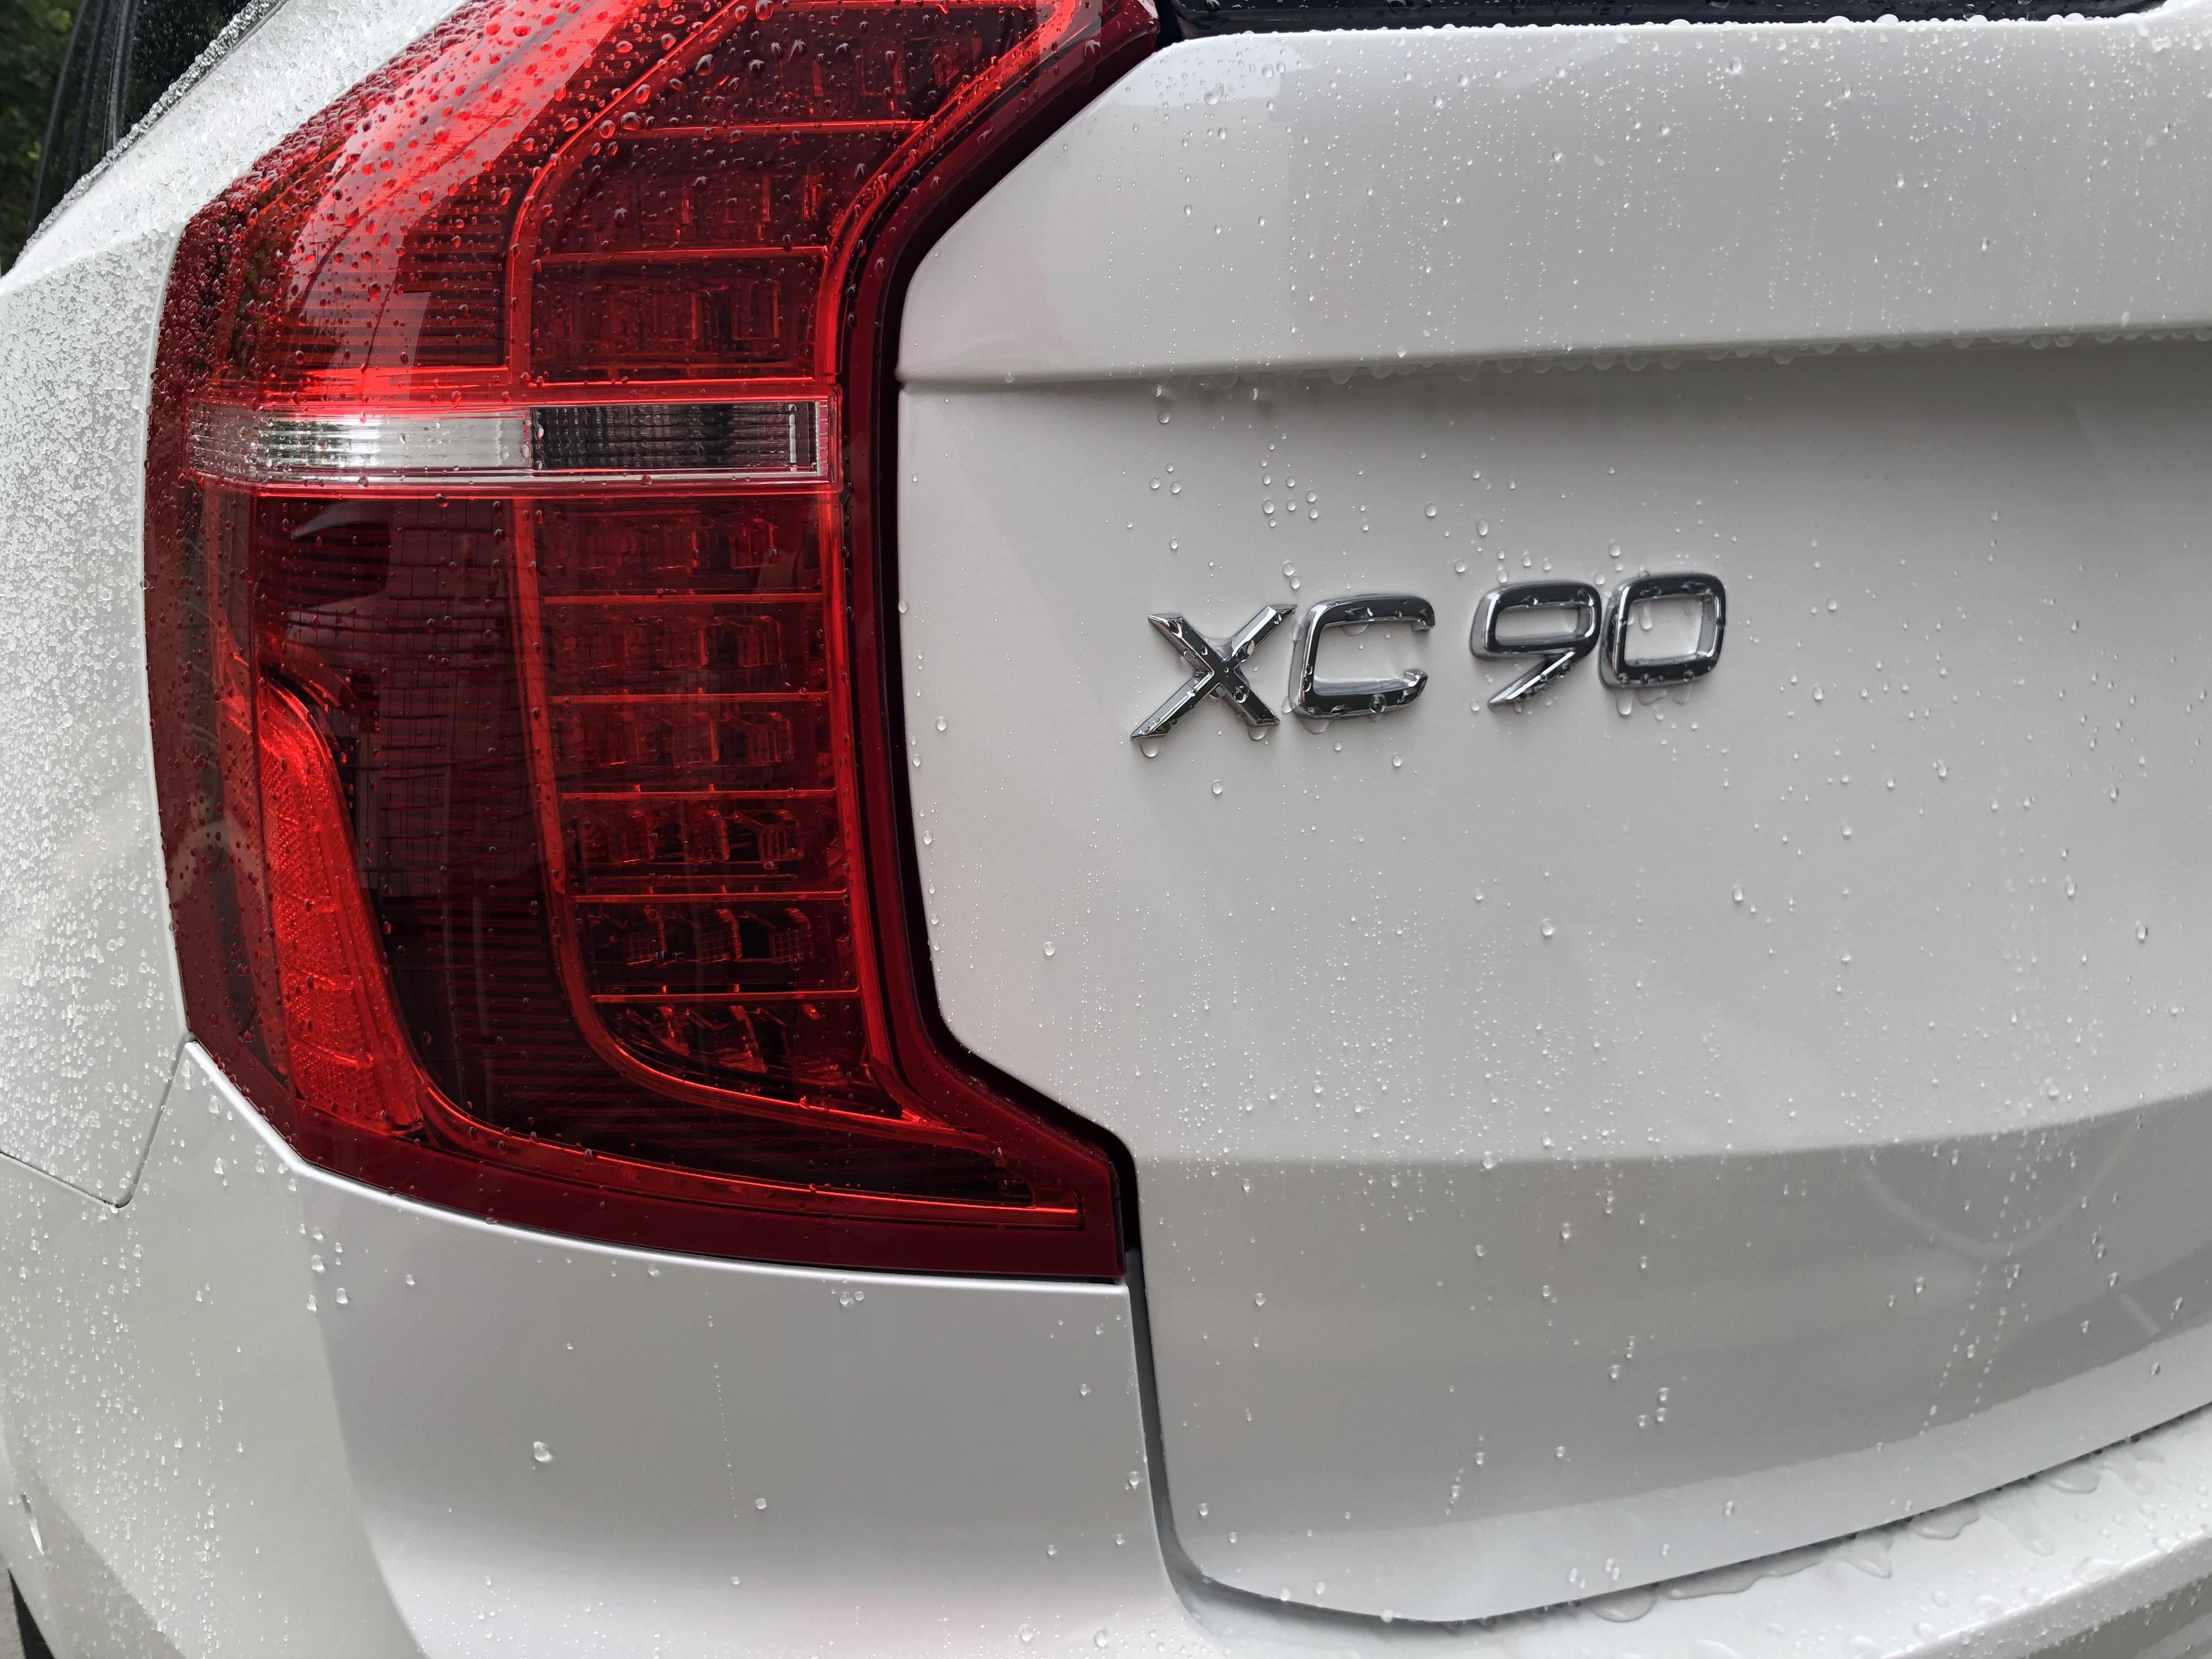 XC90のリアロゴの写真